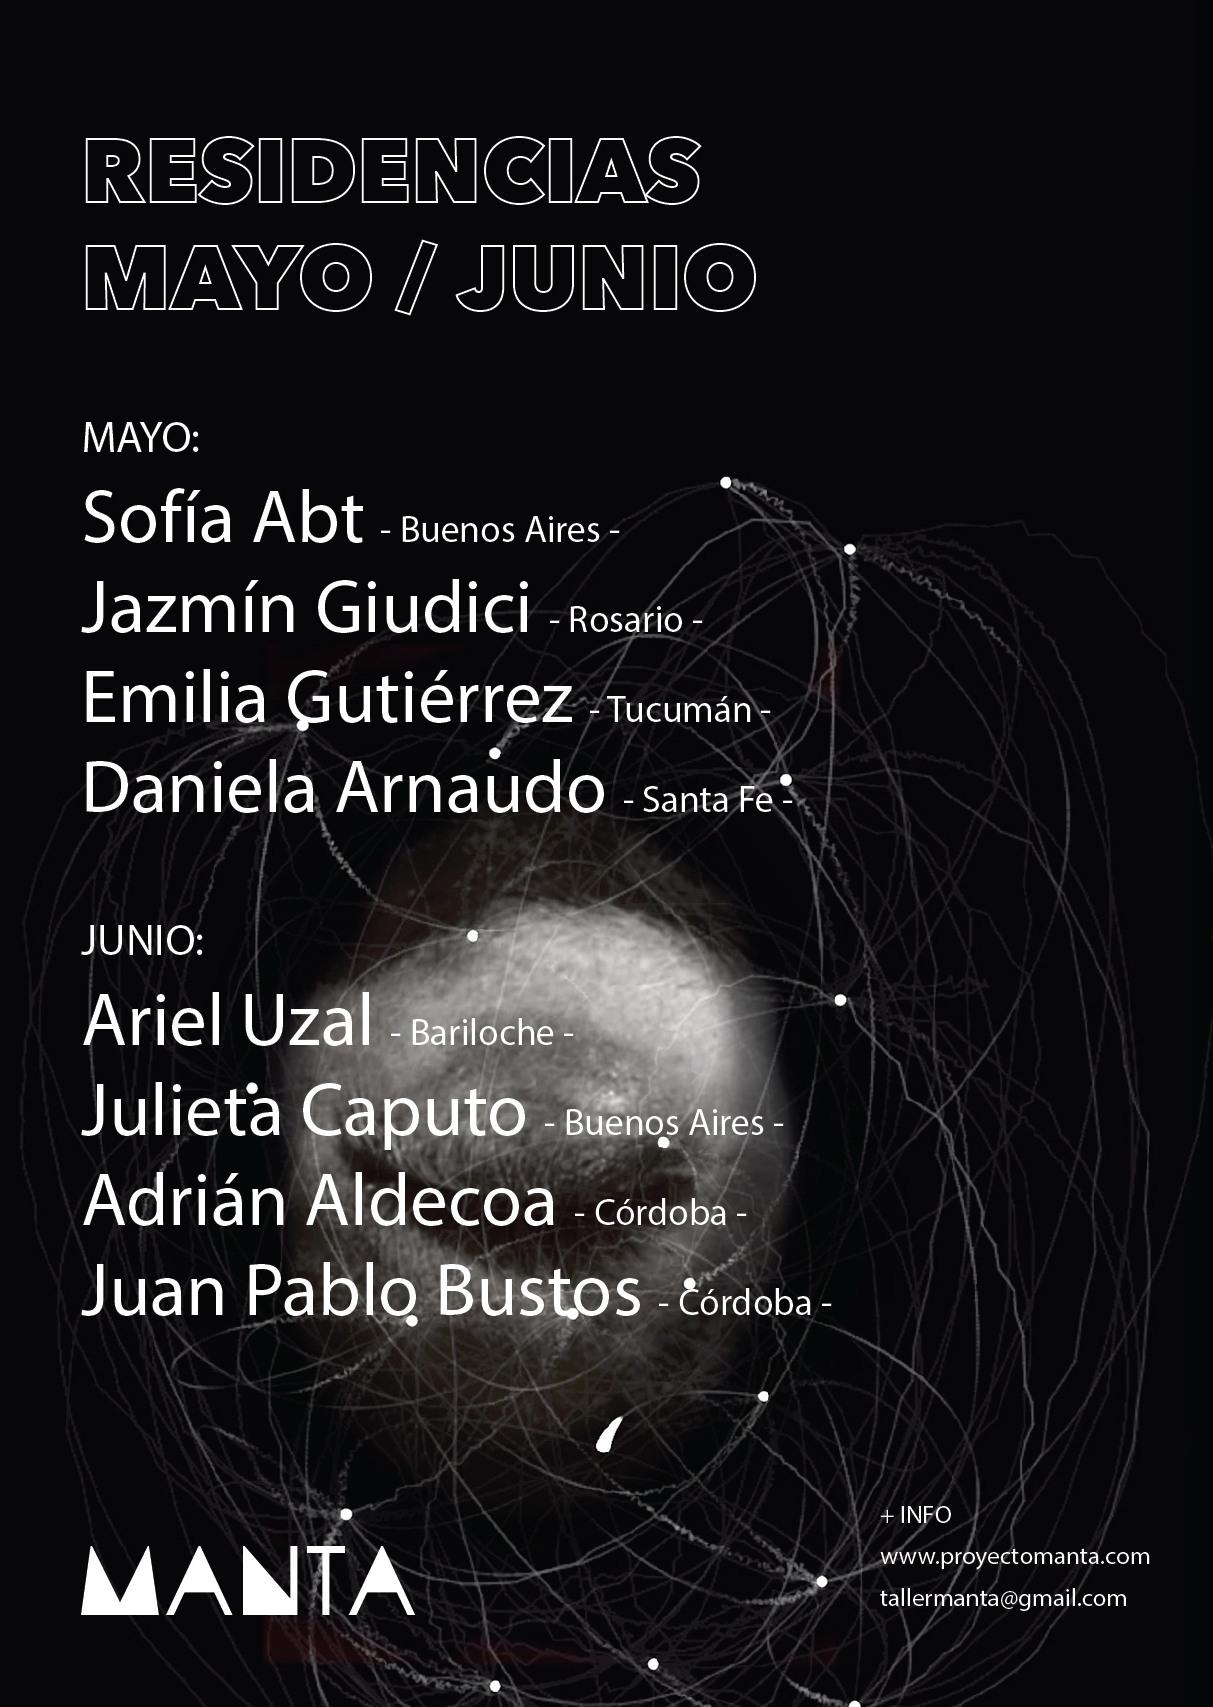 artistas residencias mayo/junio